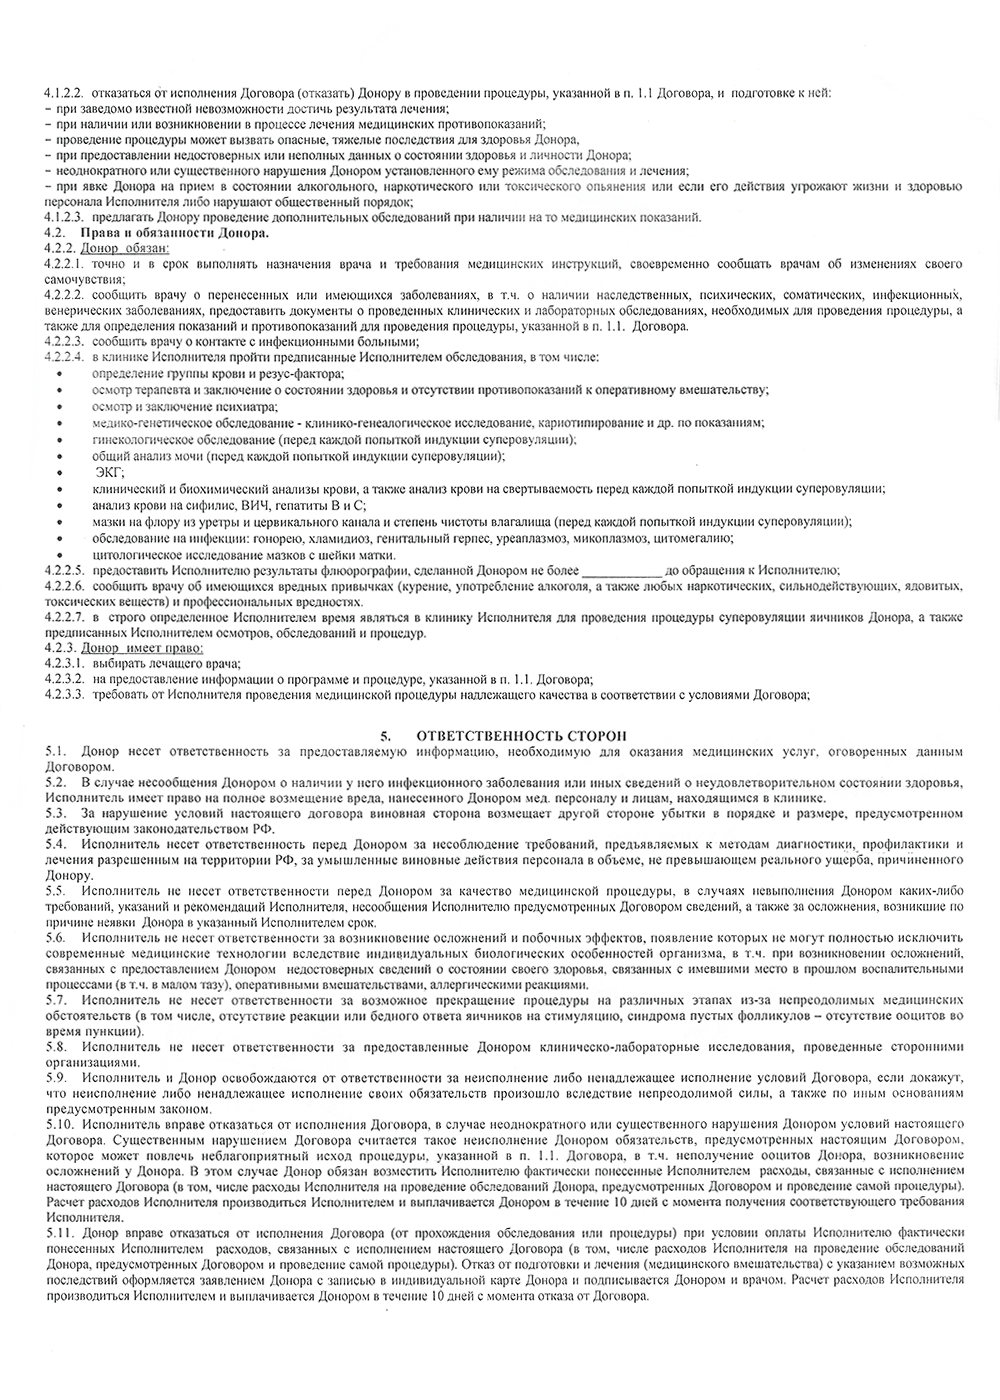 Договор на донорство ооцитов